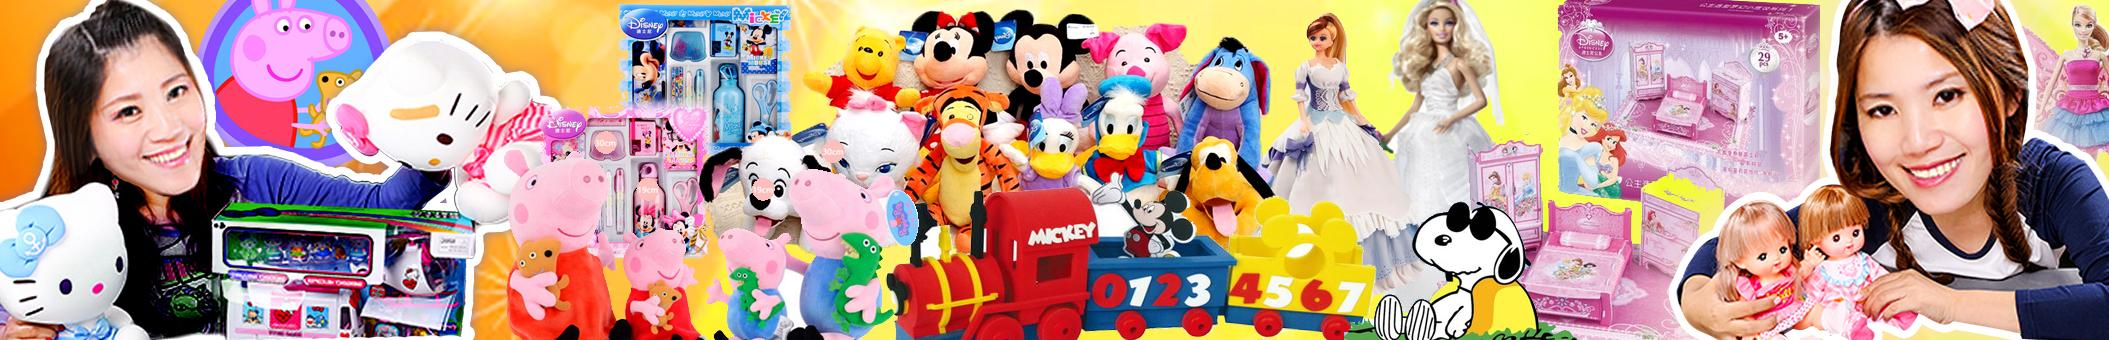 欢乐迪士尼 banner